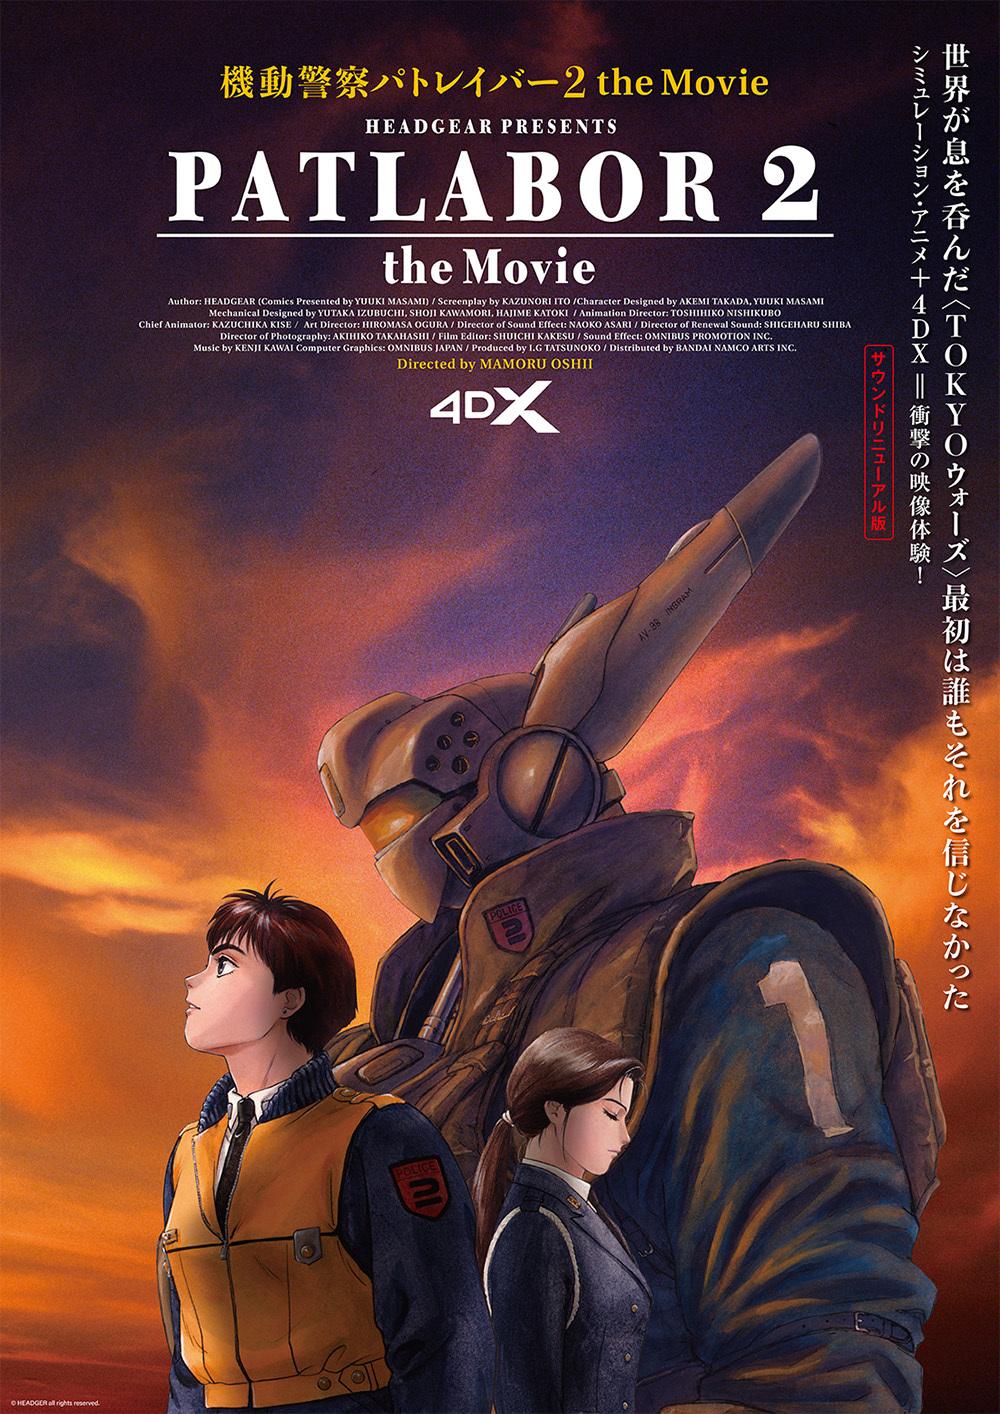 『機動警察パトレイバー2 the Movie 4DX』キービジュアル